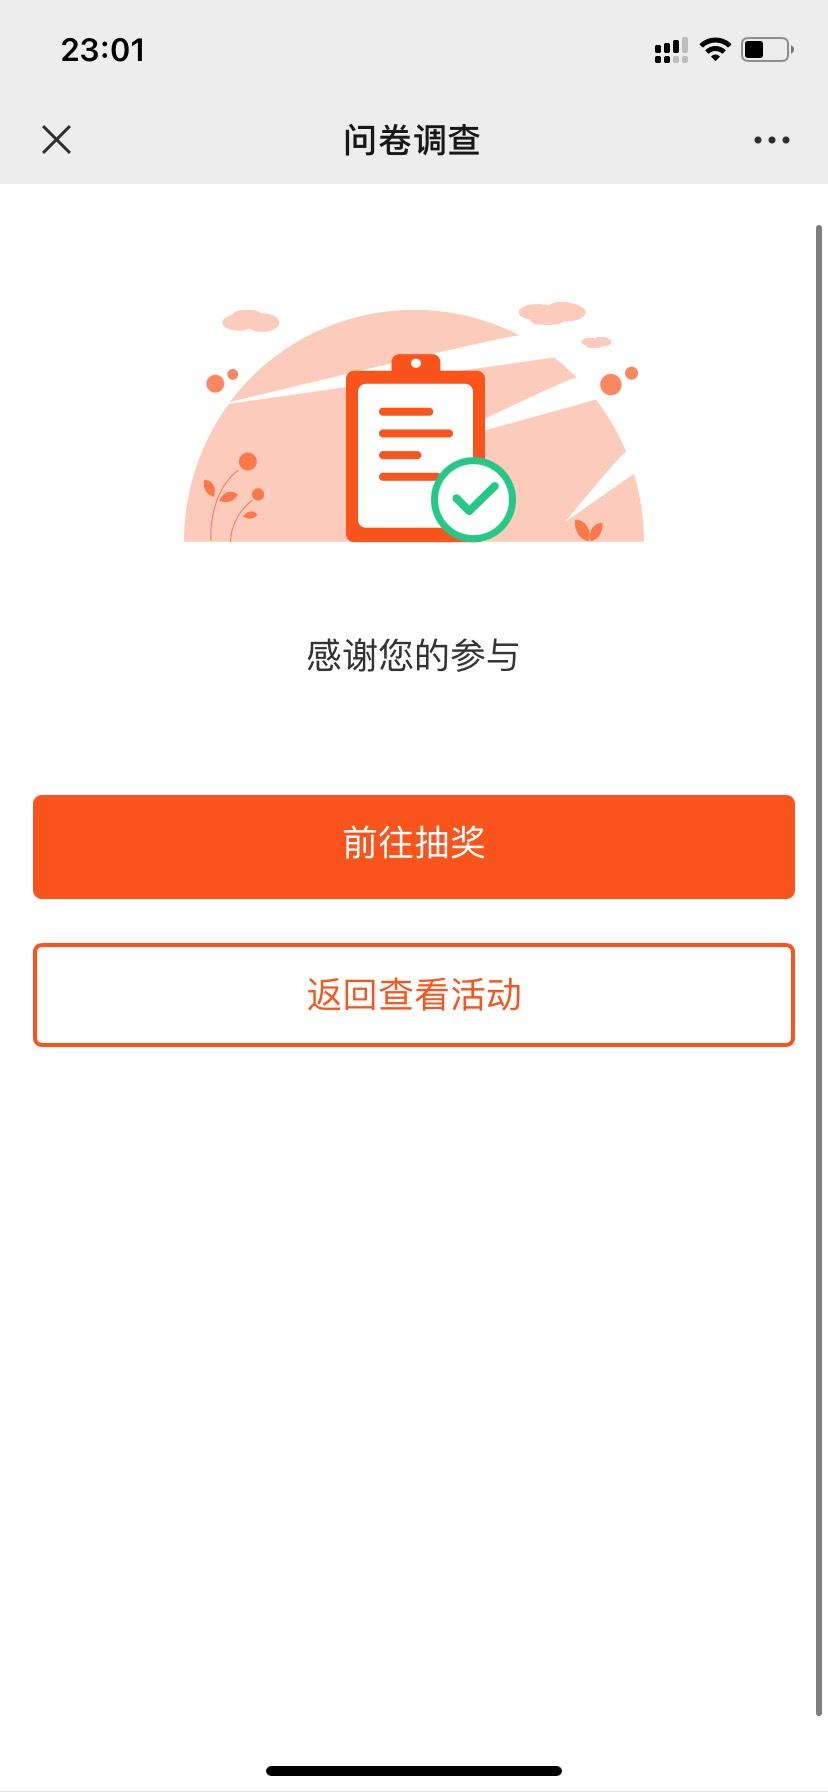 图片[2]-黑龙江省问卷抽红包-老友薅羊毛活动线报网